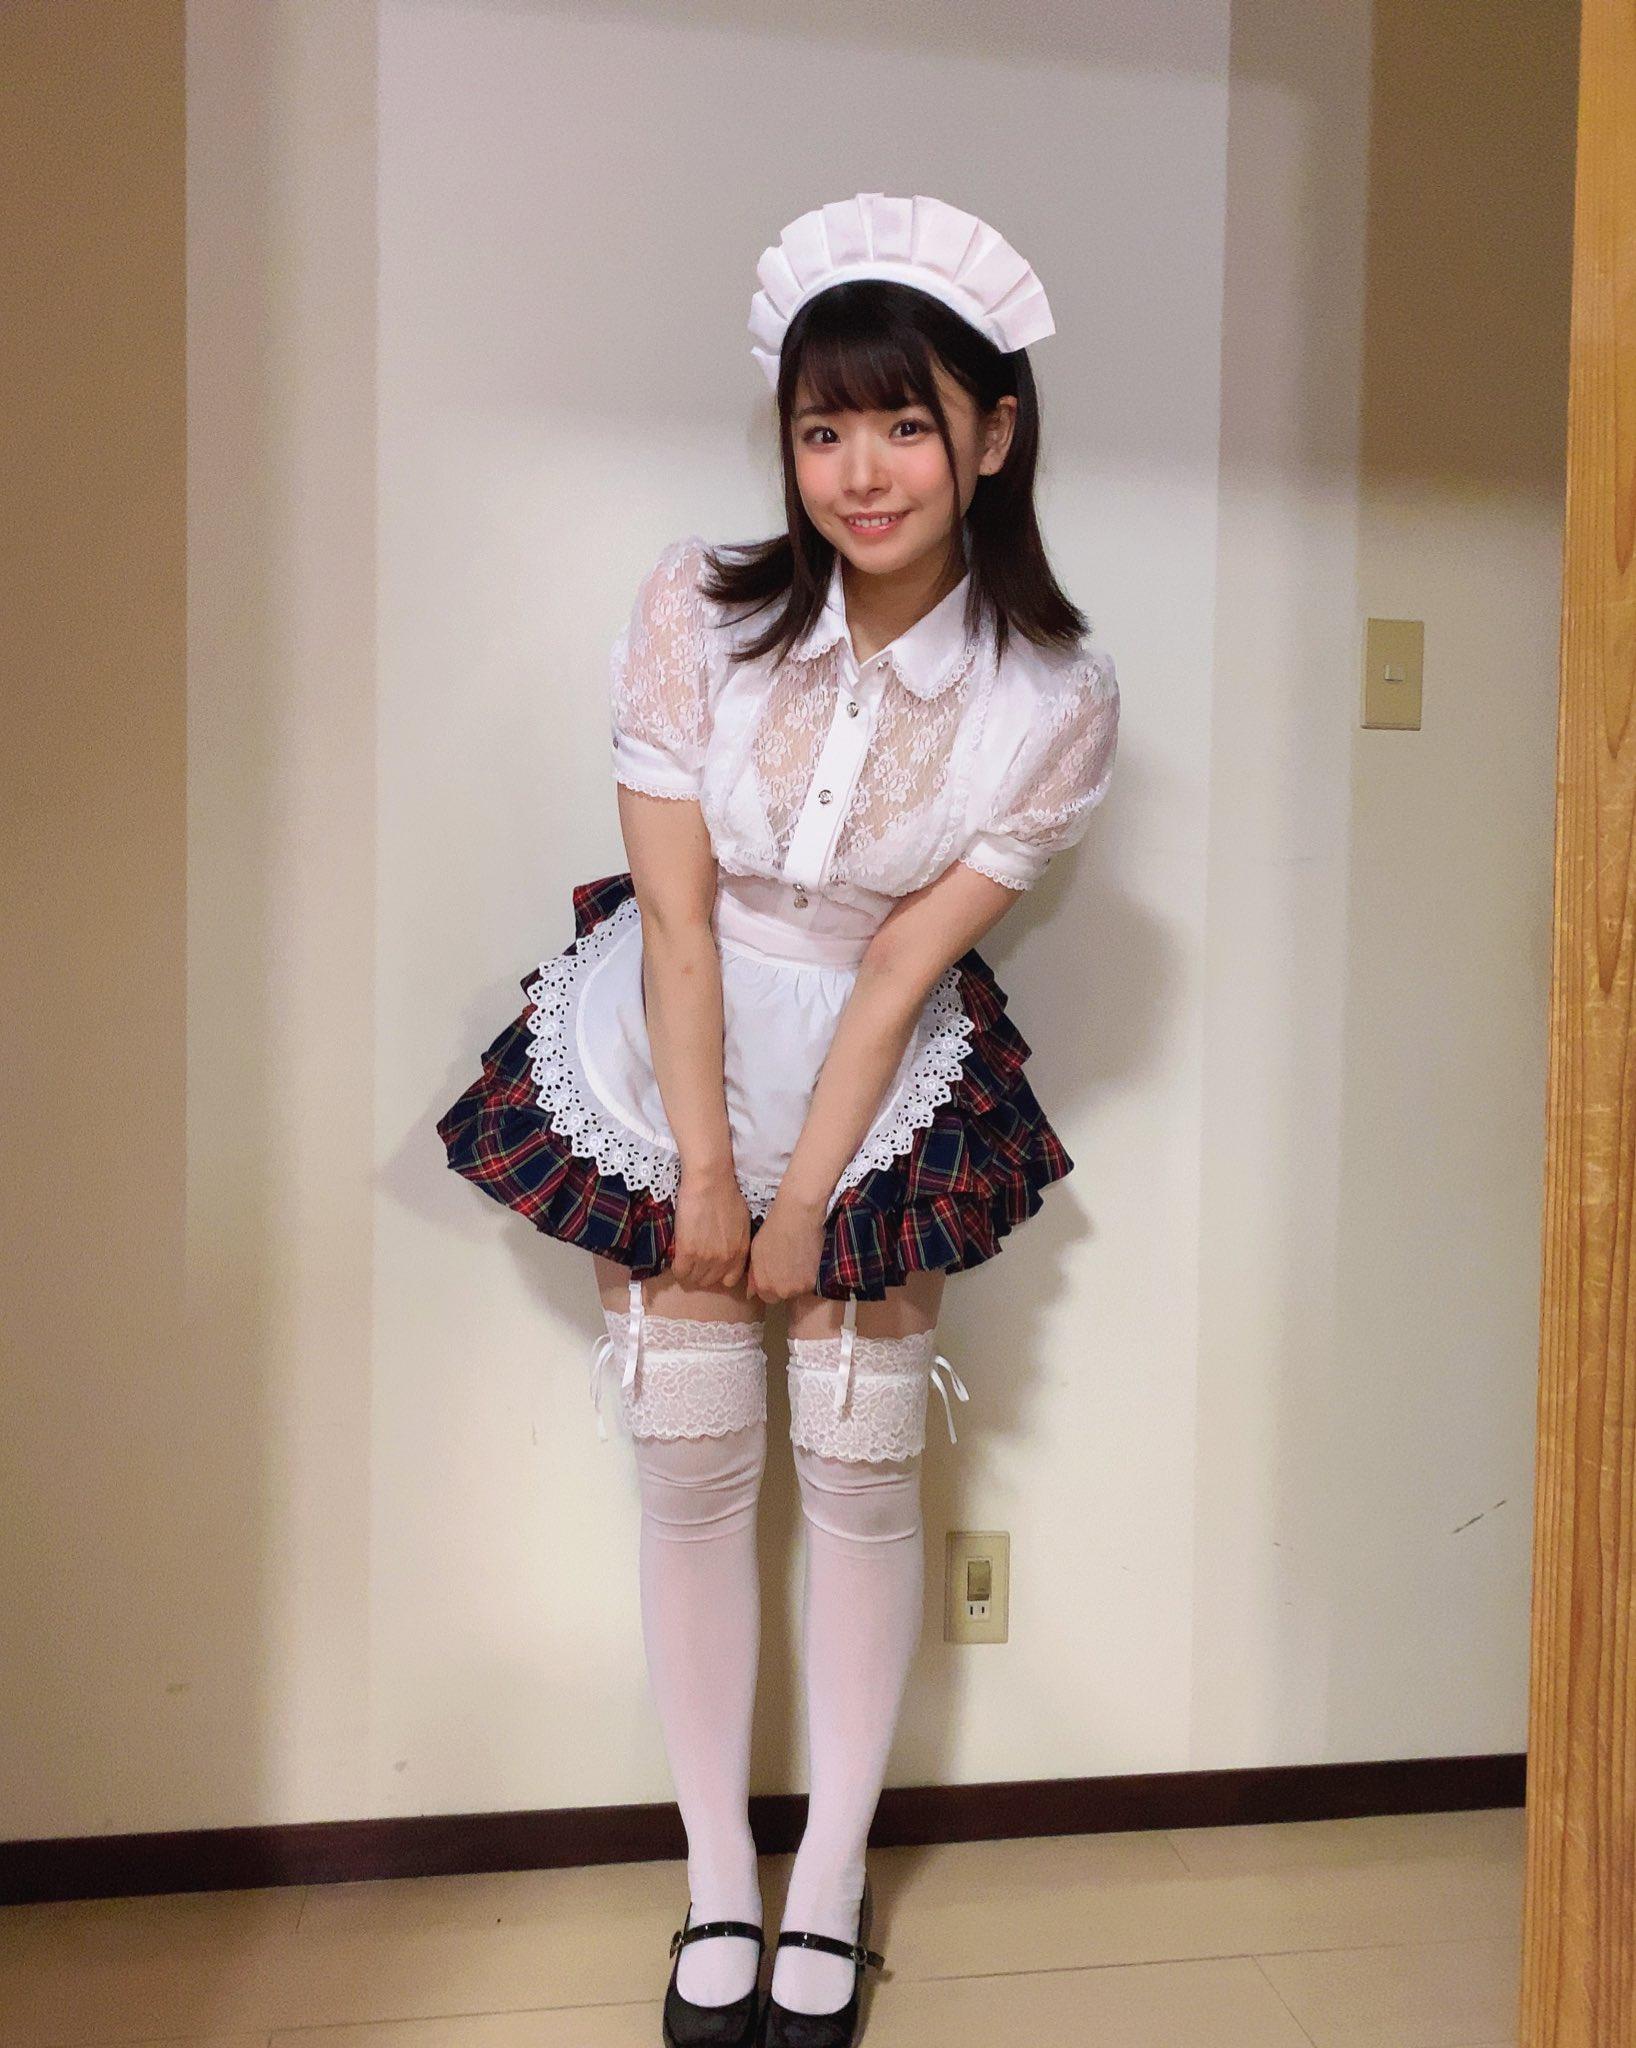 19岁的日本女优丘惠理奈巧遇黑人流浪汉! 宅男福利